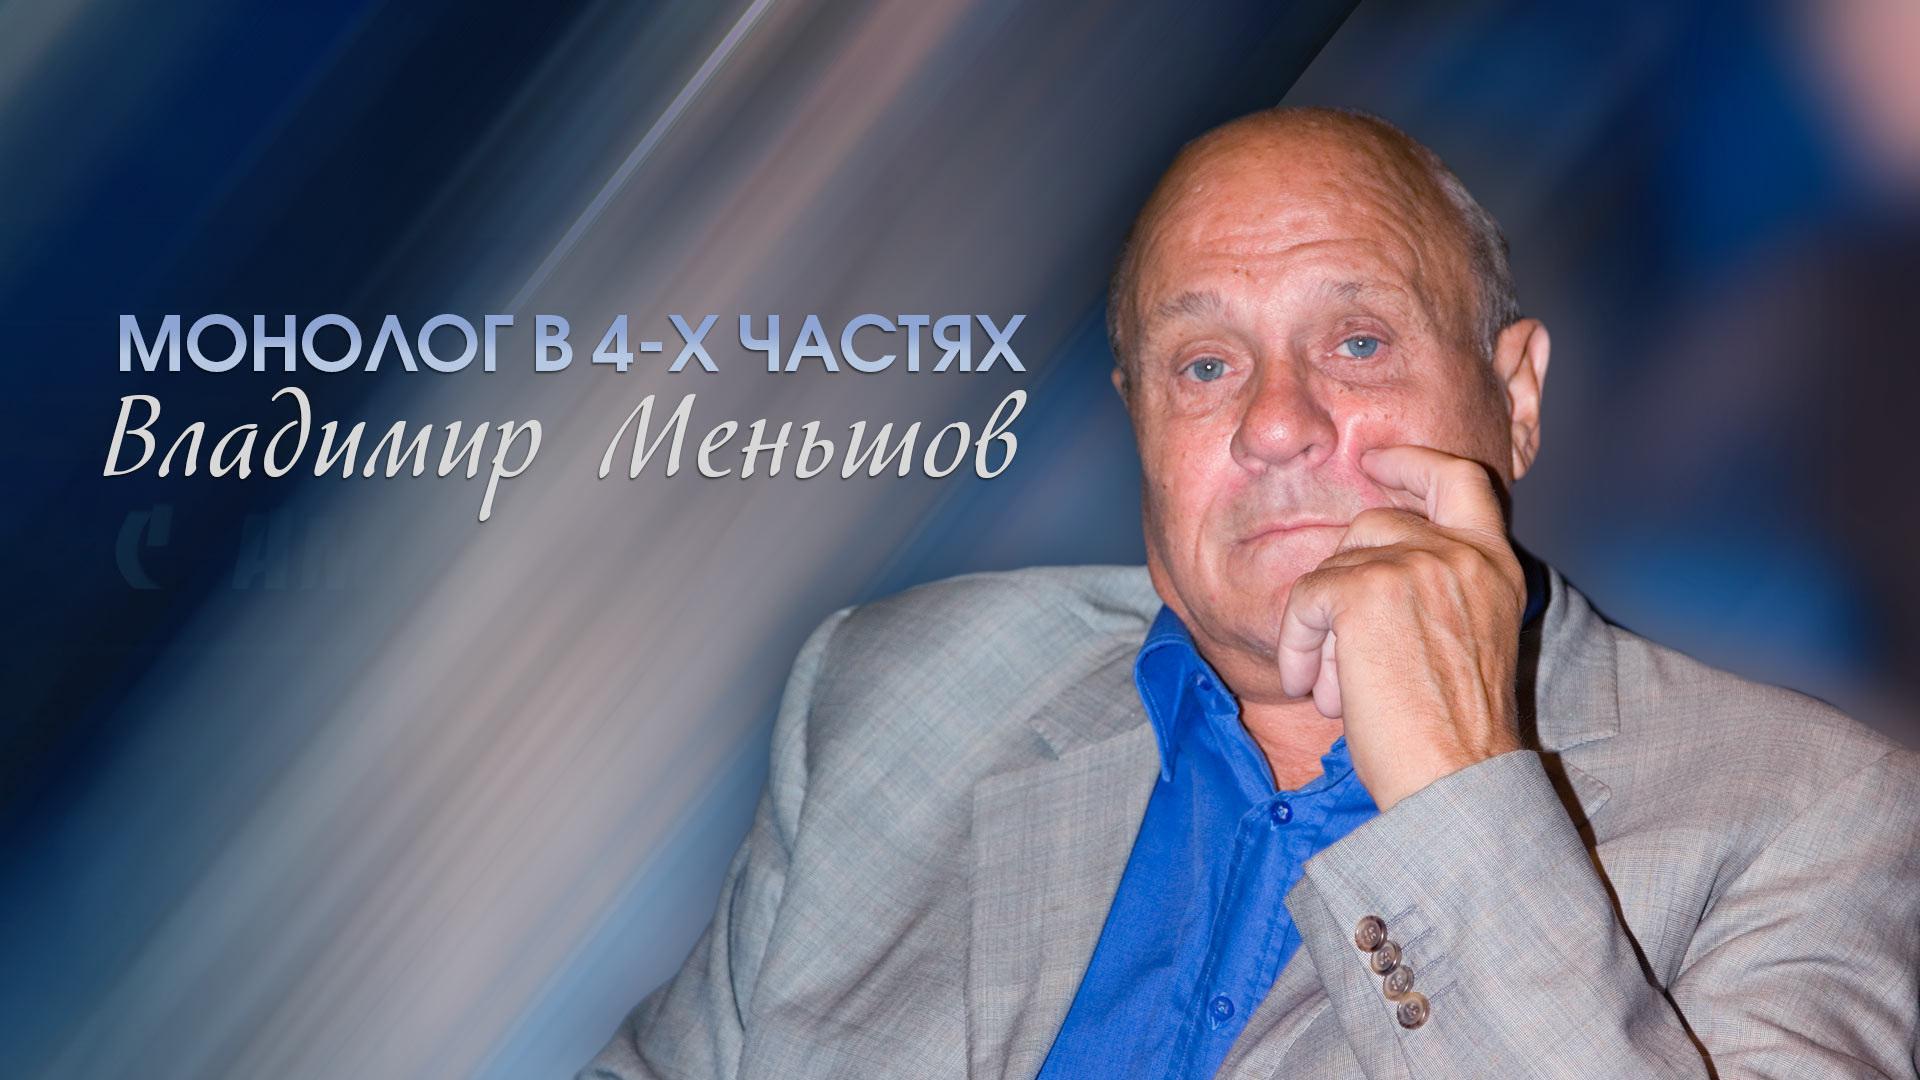 Монолог в 4-х частях. Владимир Меньшов